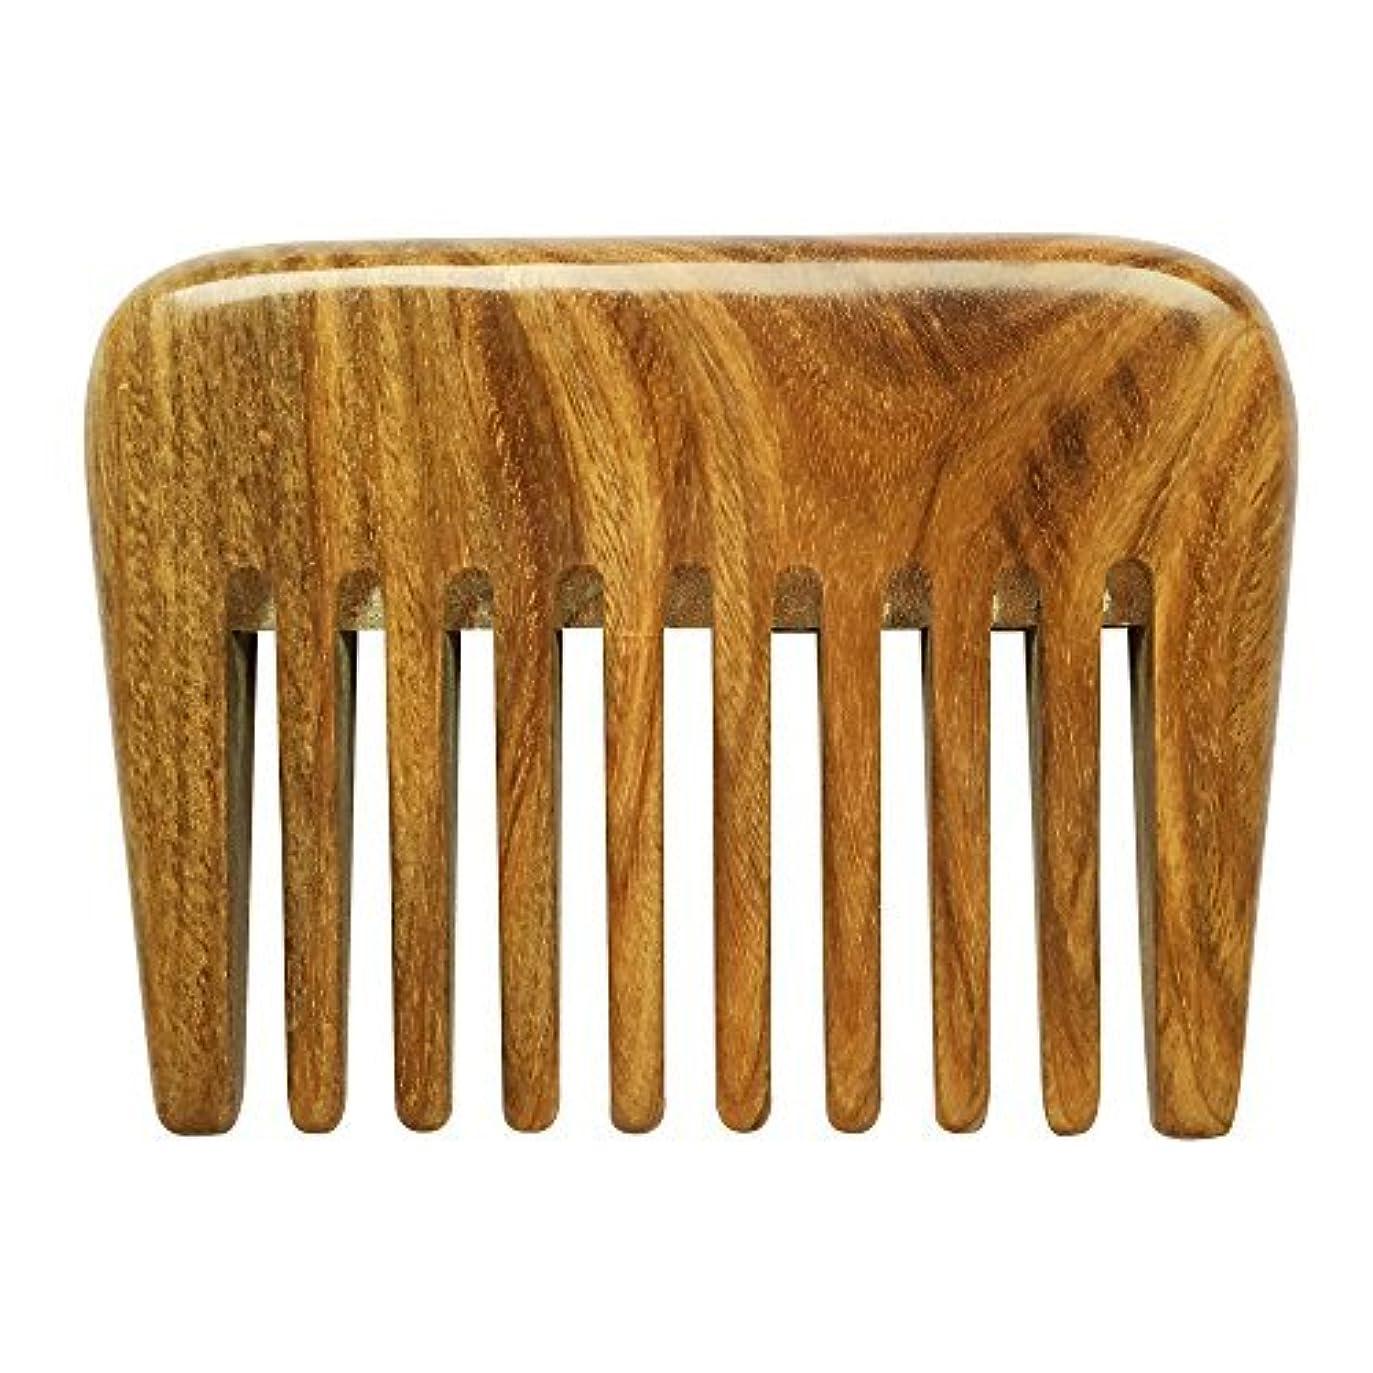 合併のりどのくらいの頻度でBeneAlways Portable Hair & Beard Comb/Pick ? Made From One Whole Piece of Natural Green Sandalwood with Fragrant Scent (Wide Tooth) [並行輸入品]